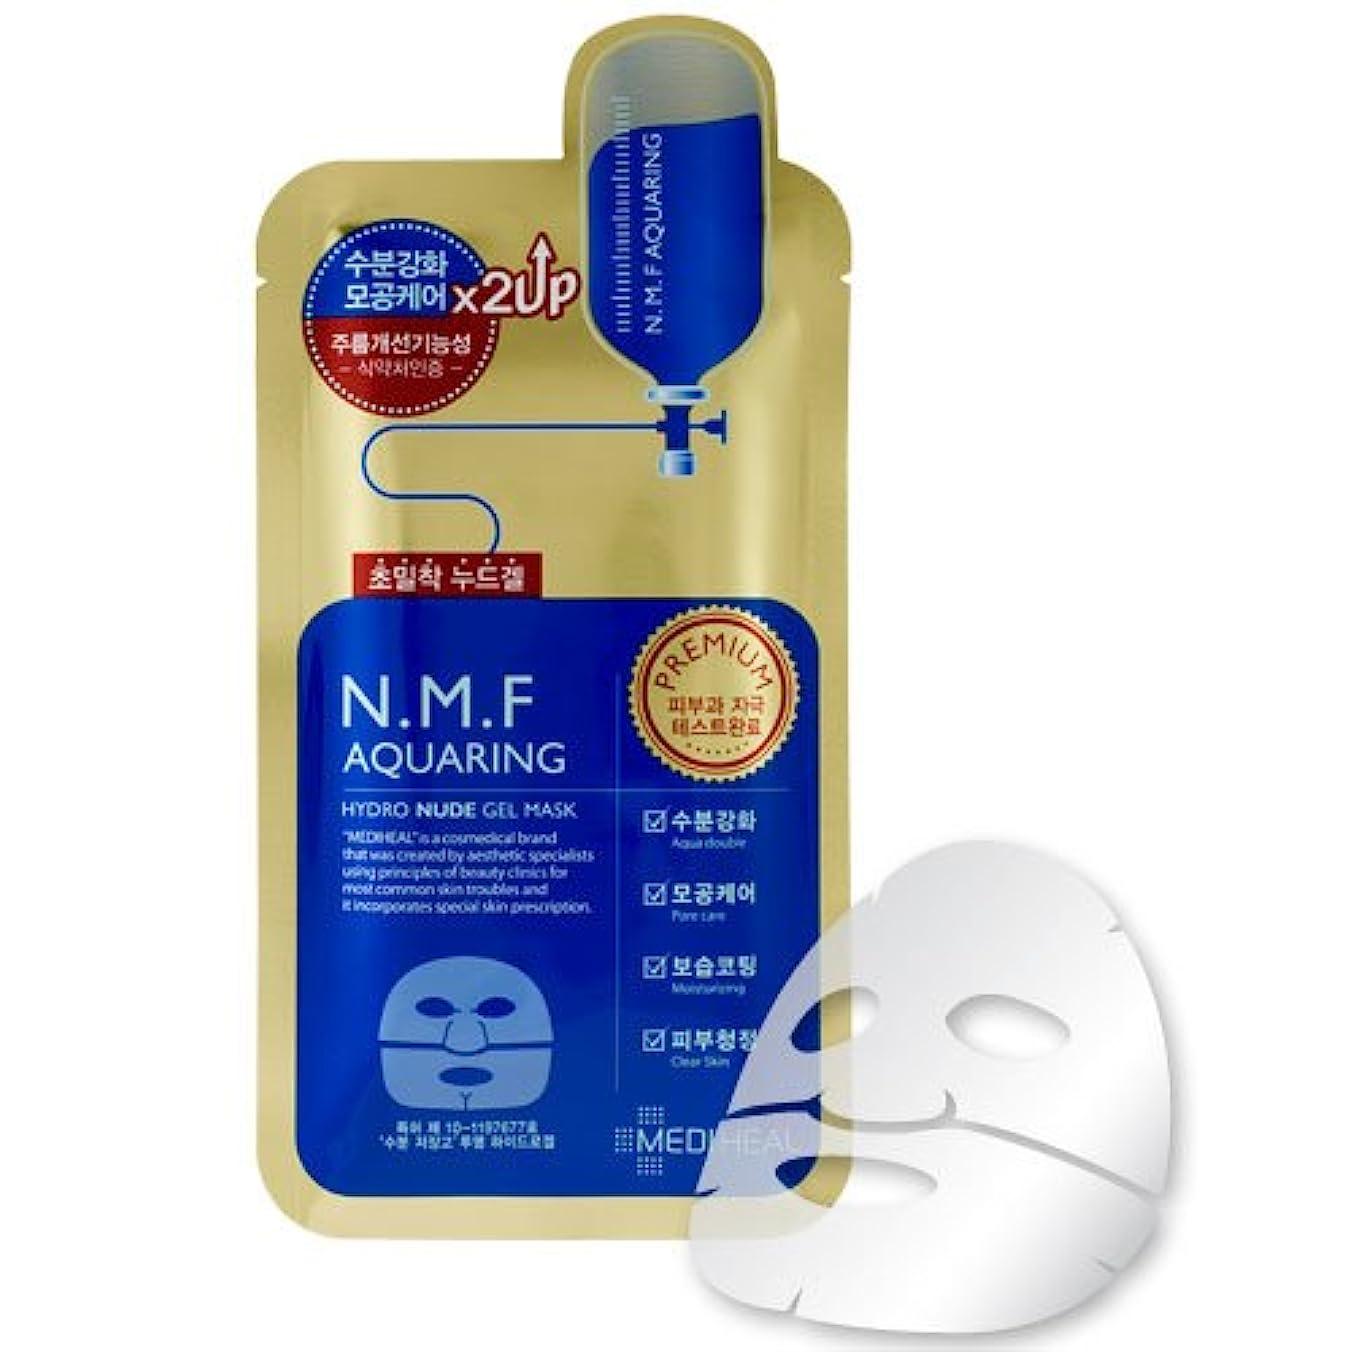 サルベージ頼る寛容なメディヒール NMF アクアリング ヌード ゲルマスク 1P [海外直送品][並行輸入品]